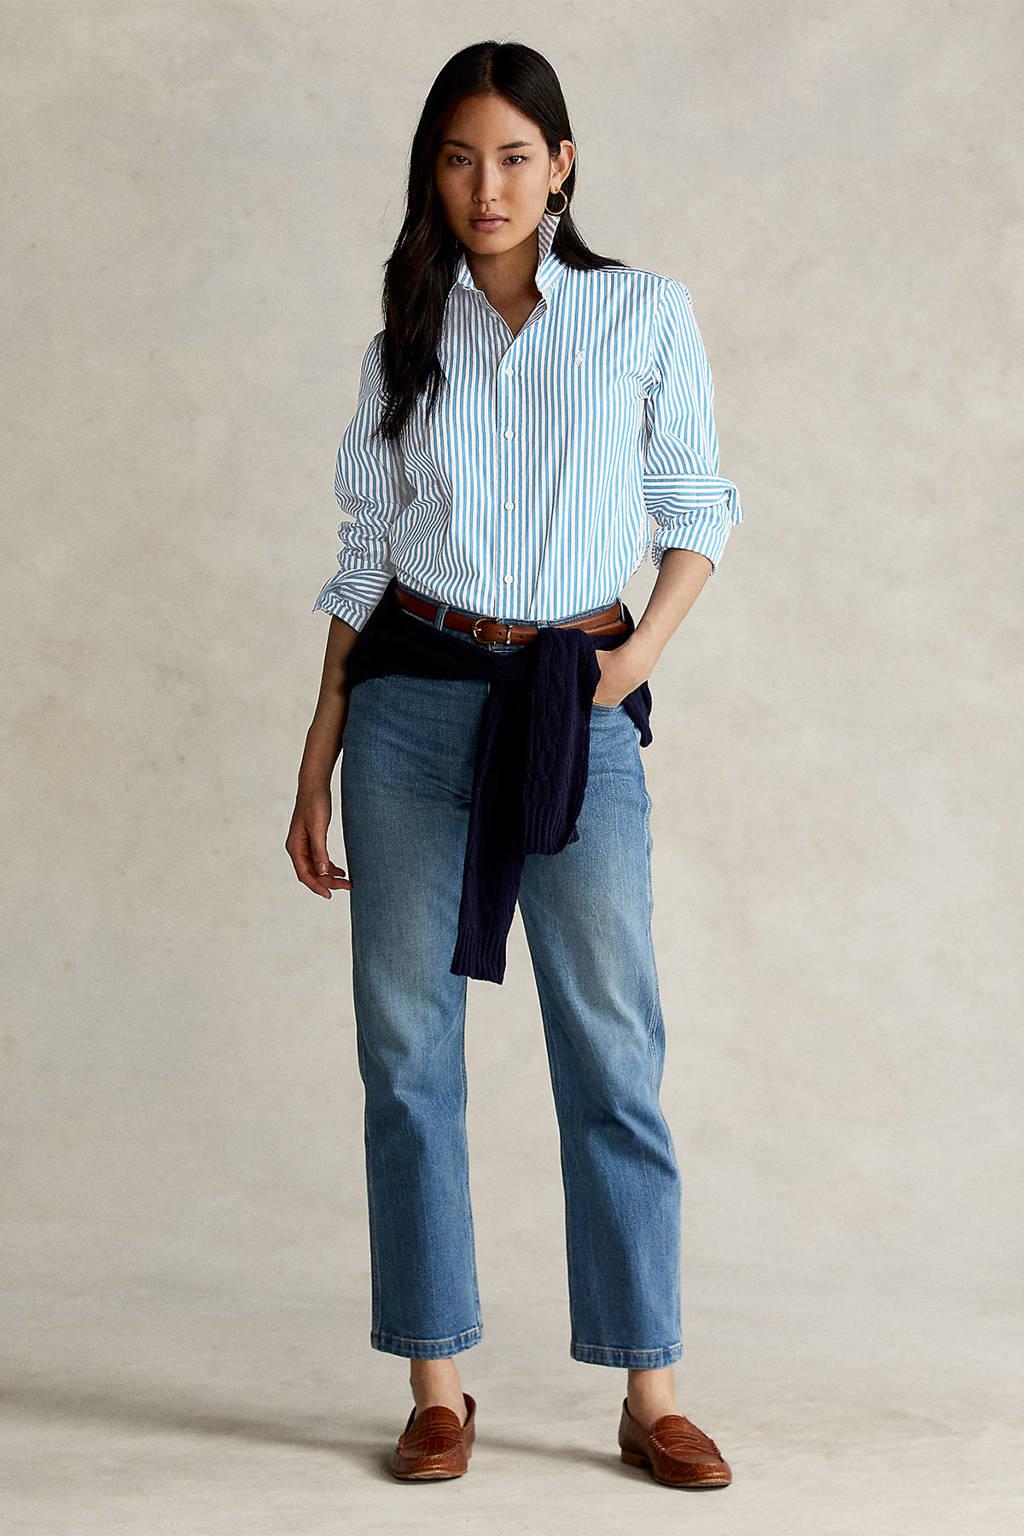 POLO Ralph Lauren gestreepte blouse lichtblauw, Lichtblauw